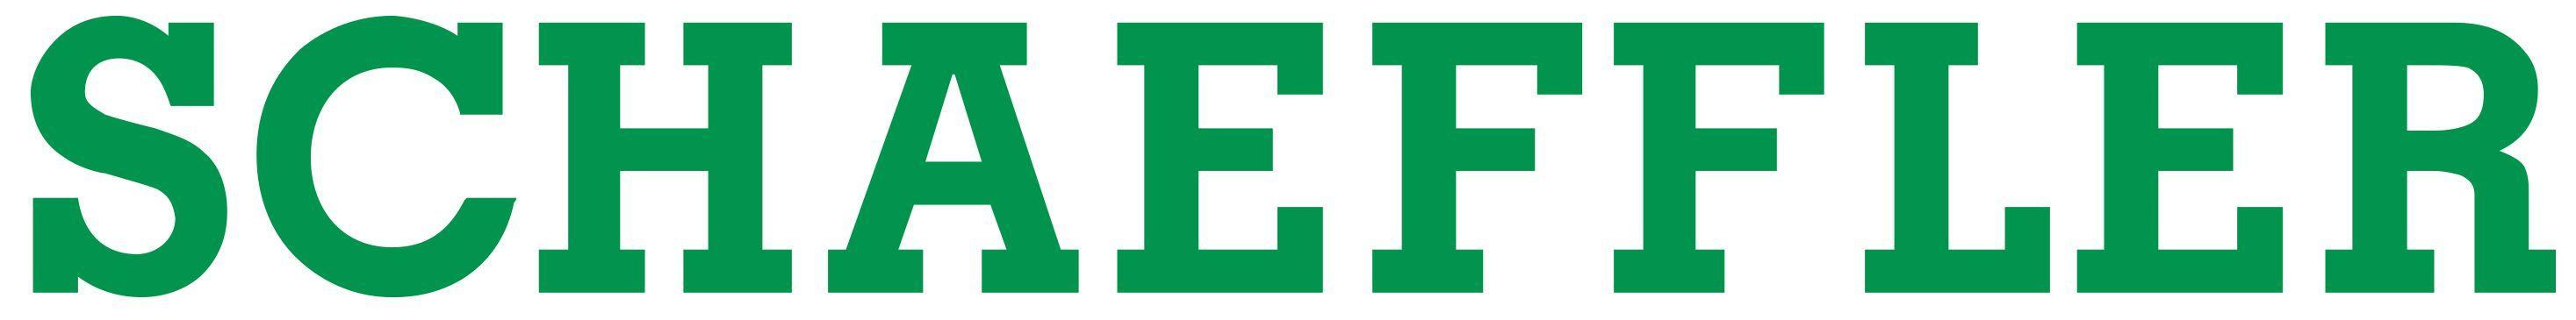 Kết quả hình ảnh cho schaeffler logo